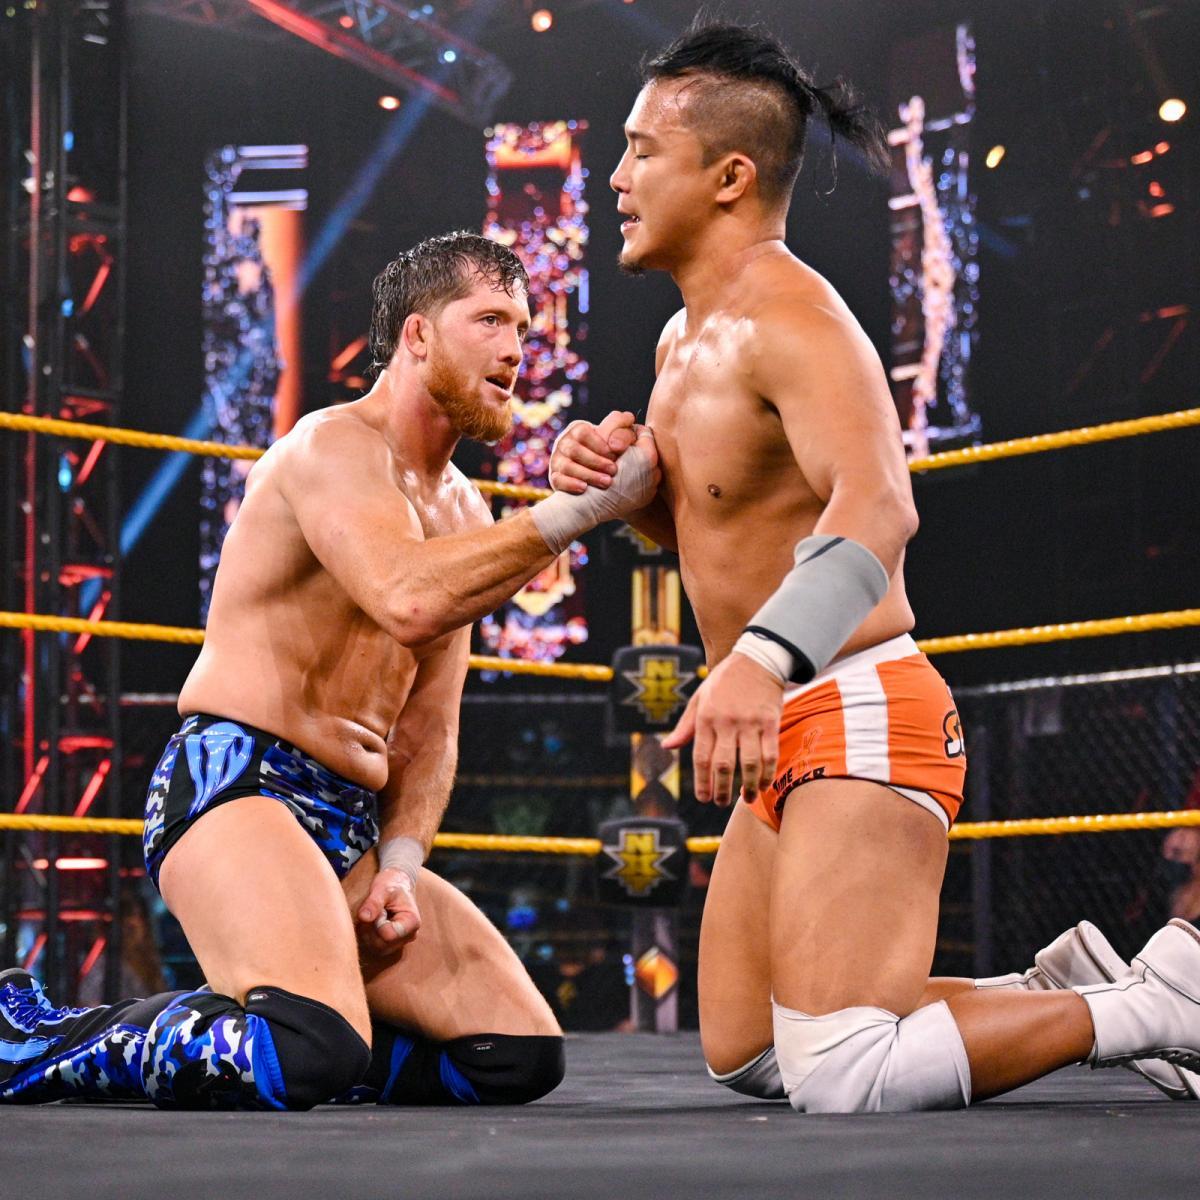 試合後、オライリー(左)と握手を交わしたNXTクルーザー級王者KUSHIDA(C)2021 WWE, Inc. All Rights Reserved.